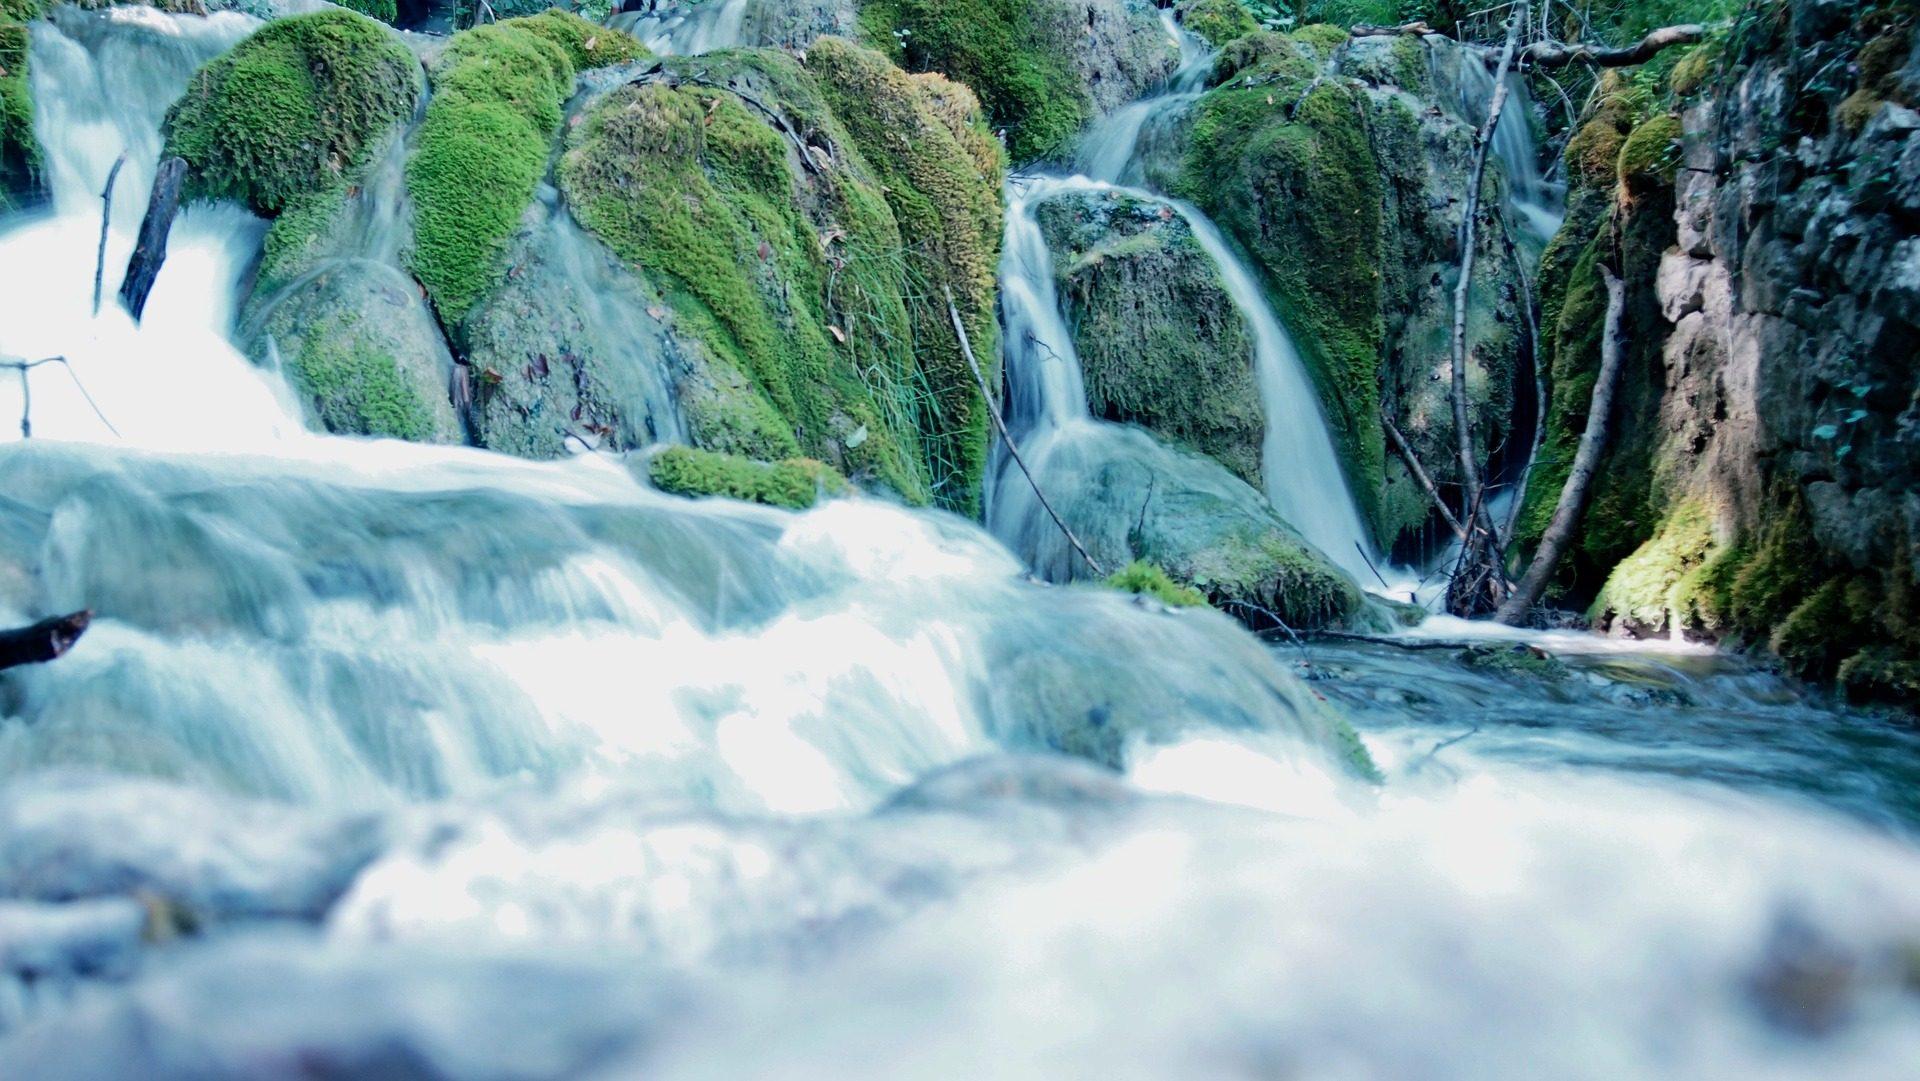 Fiume, caudale, cascata, cataratta, MUSCHIO, acqua - Sfondi HD - Professor-falken.com